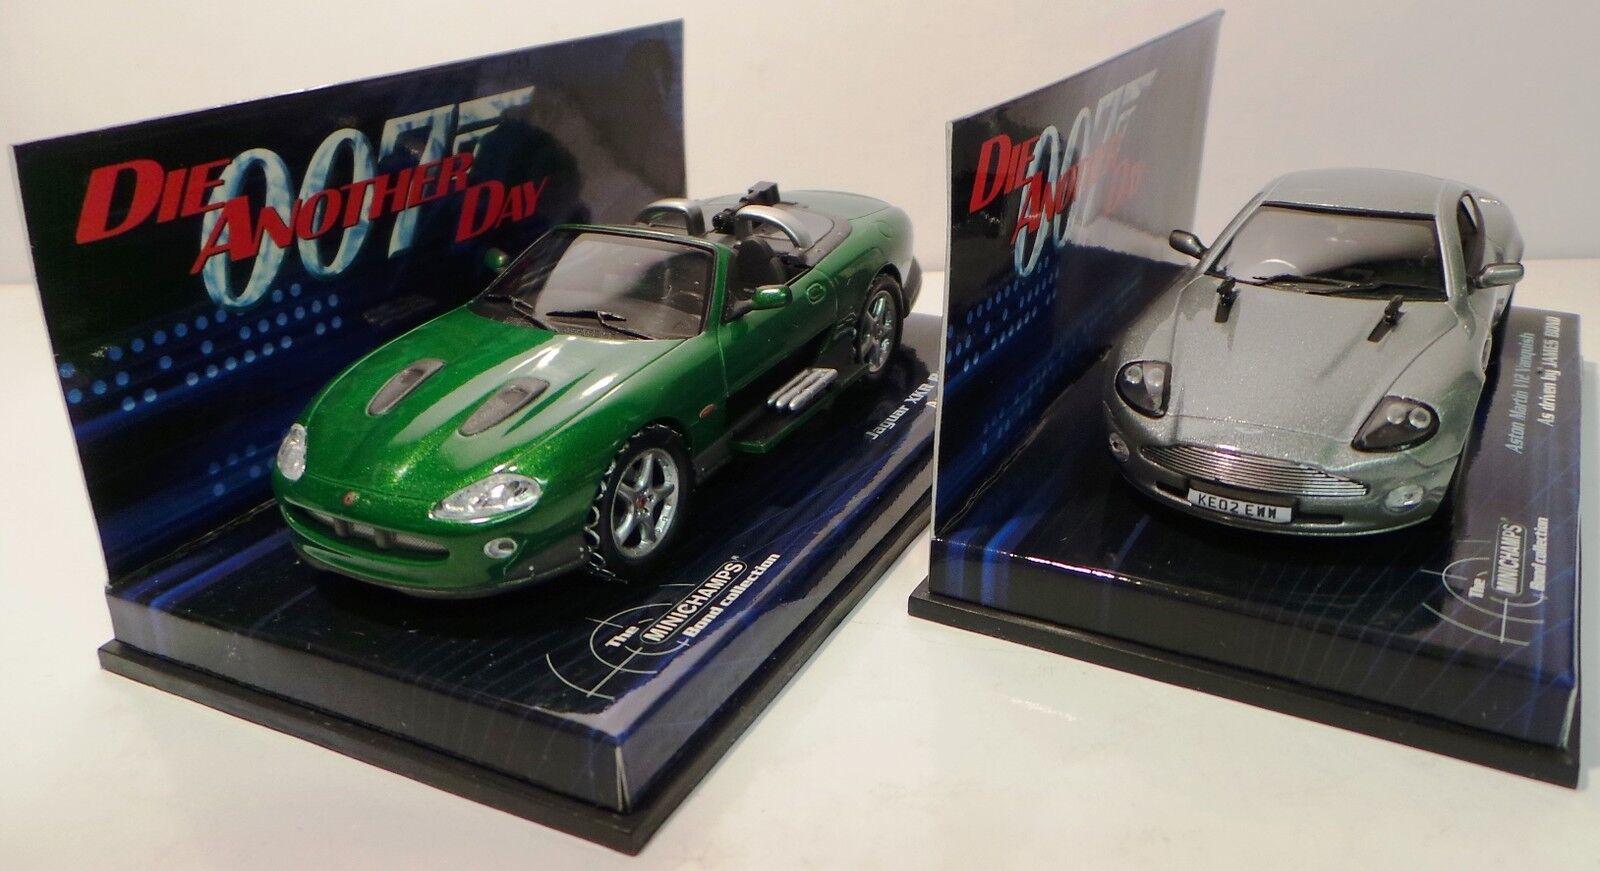 James Bond: Meurs un autre jour-Aston Martin V12 Vanquish & JAGUAR XKR Set (XP) | Sortie  | Moins Cher  | Les Produits Sont Vendu Sans Limitations  | Service Supremacy